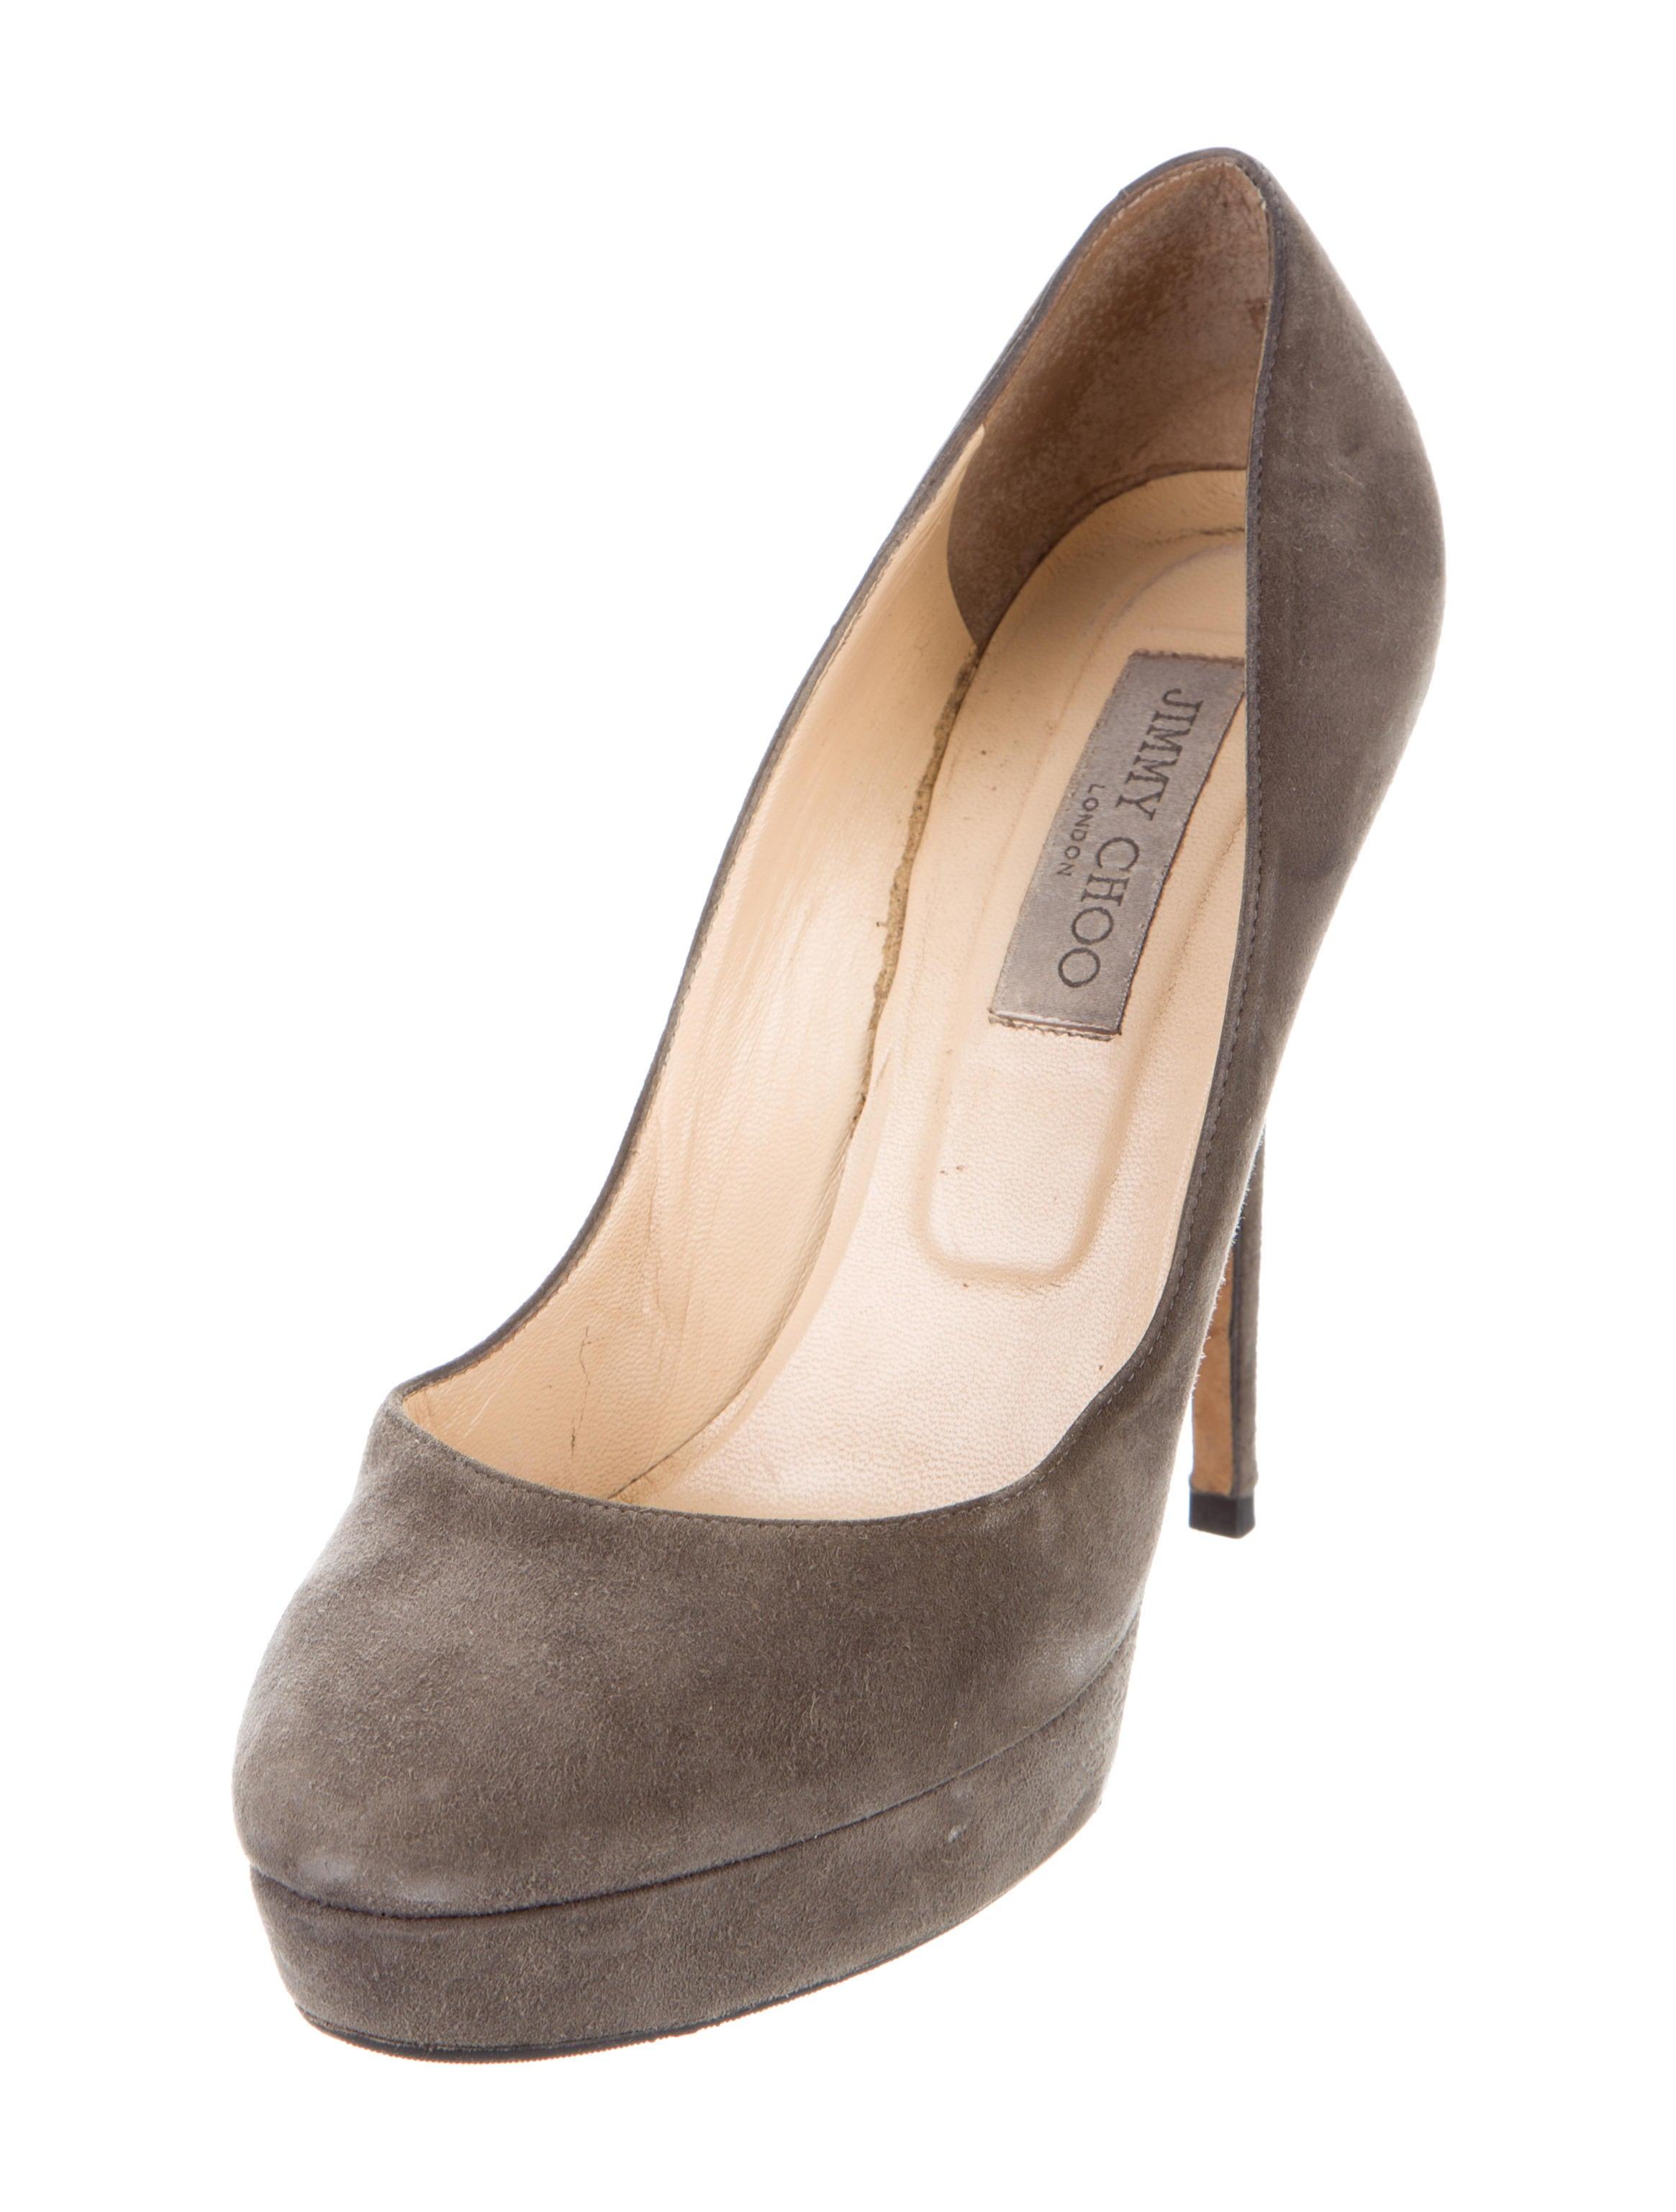 jimmy choo suede platform pumps shoes jim73306 the